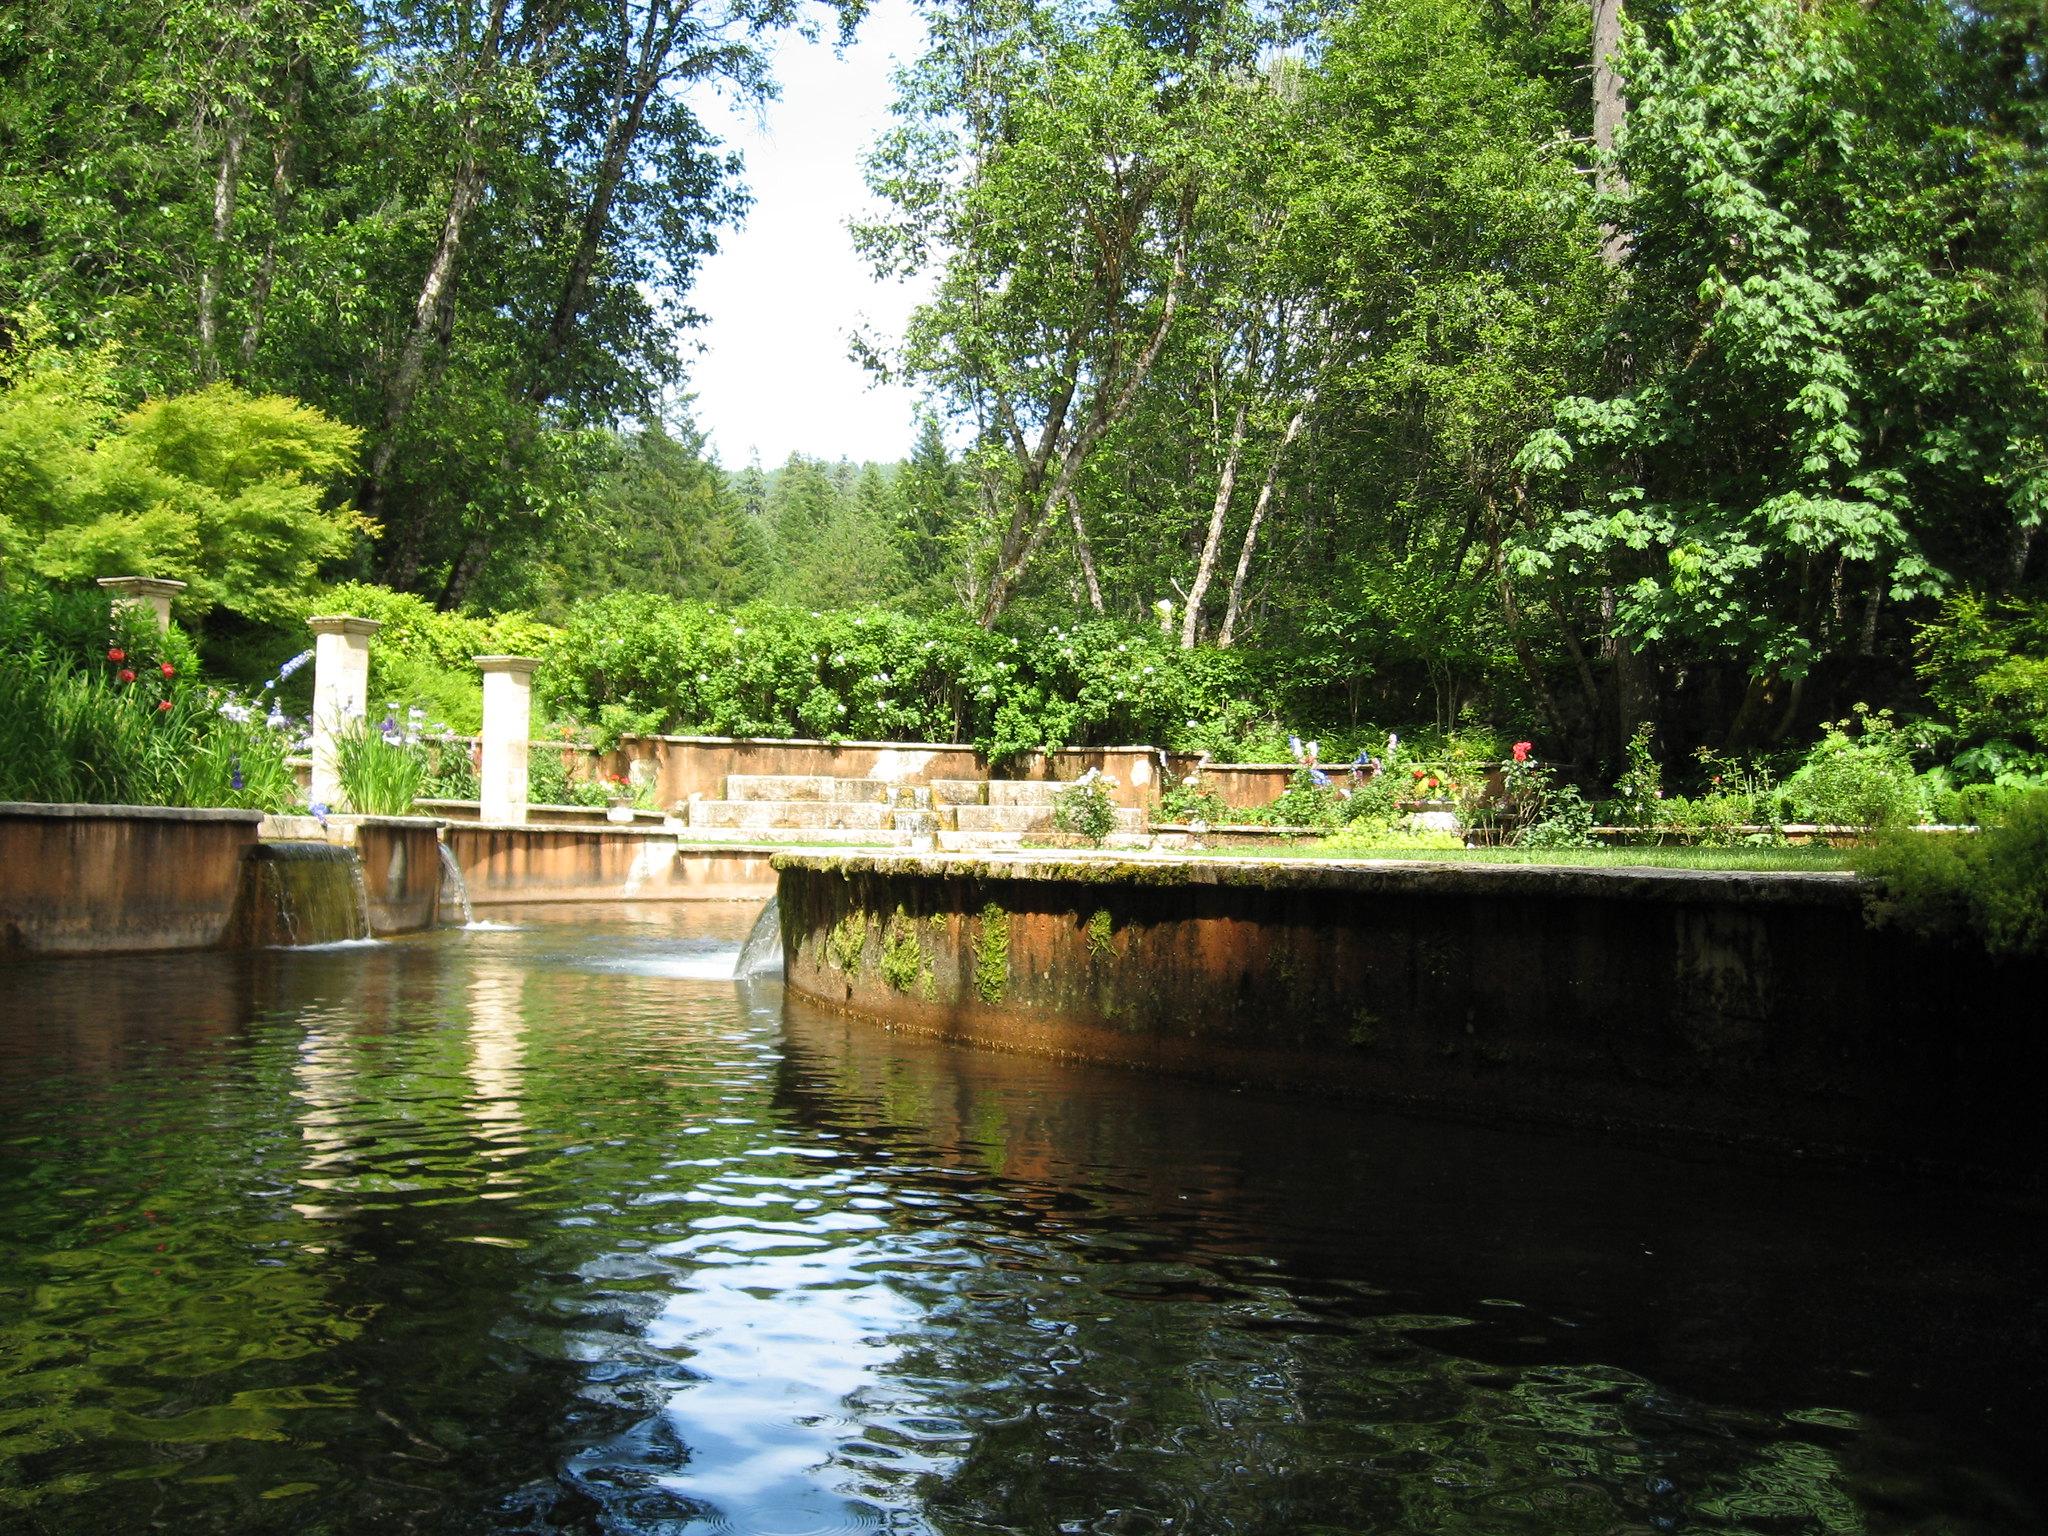 Water running through the Hidden Garden at Belknap Hot Springs